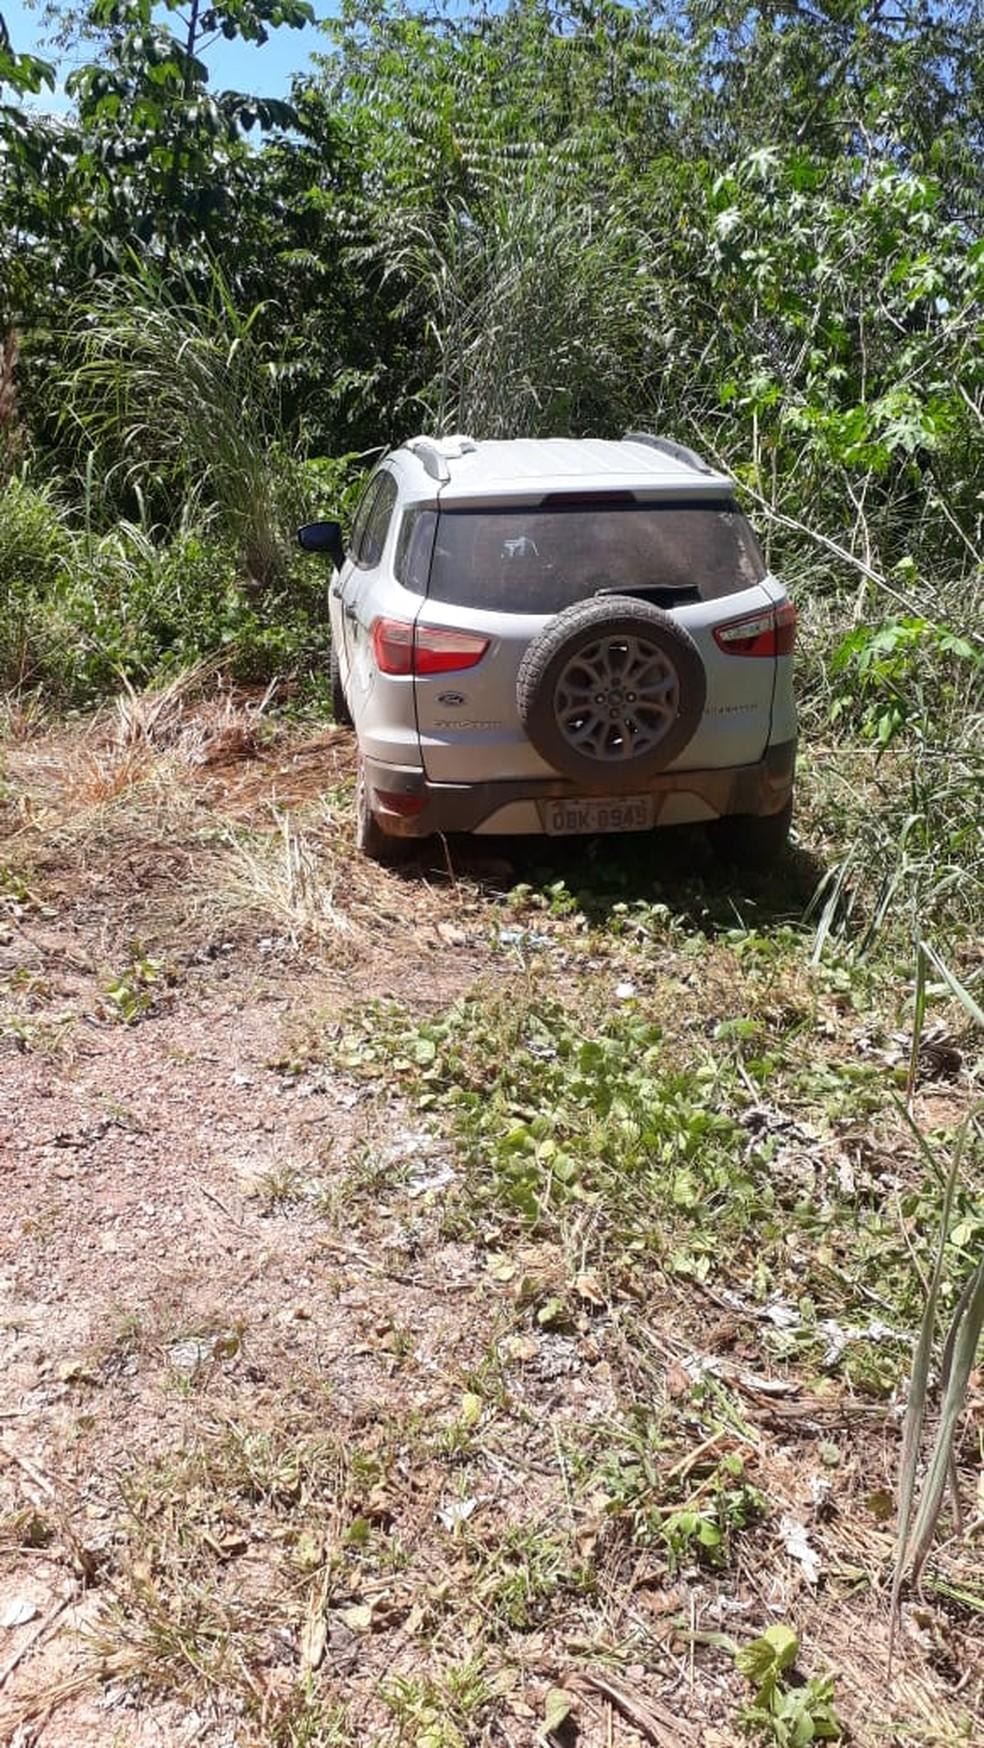 Eco Sport estava abandonado em uma região de mata nas imediações do Bairro Altos da Serra, em Cuiabá — Foto: Ciopaer-MT